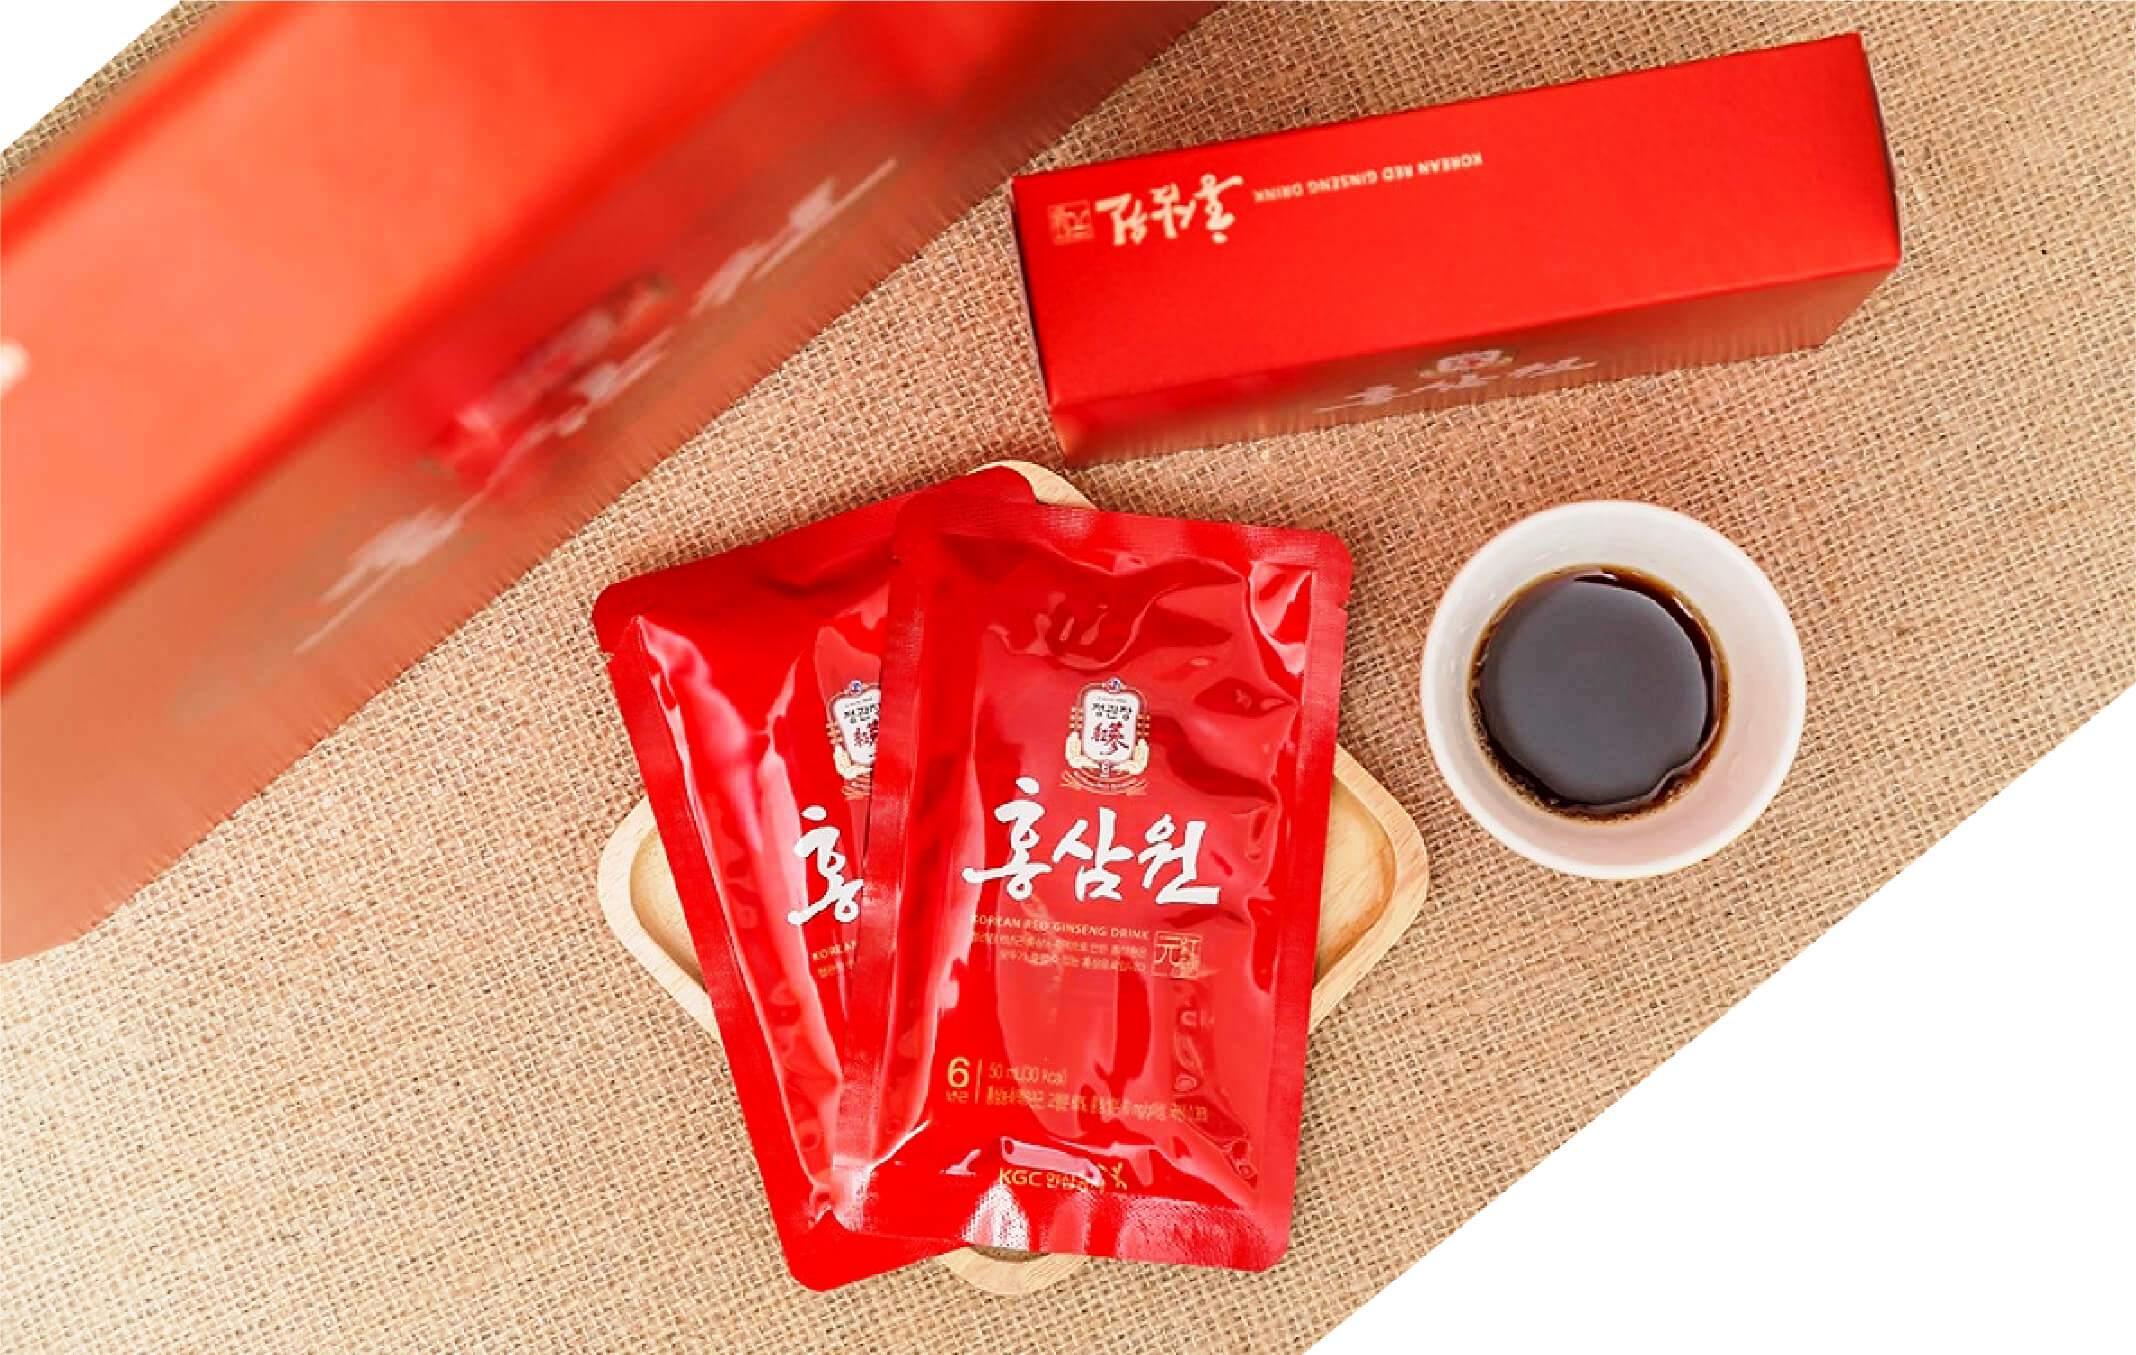 Nước hồng sâm Chính phủ Hàn Quốc Cheon Kwan Jang hộp 30 gói